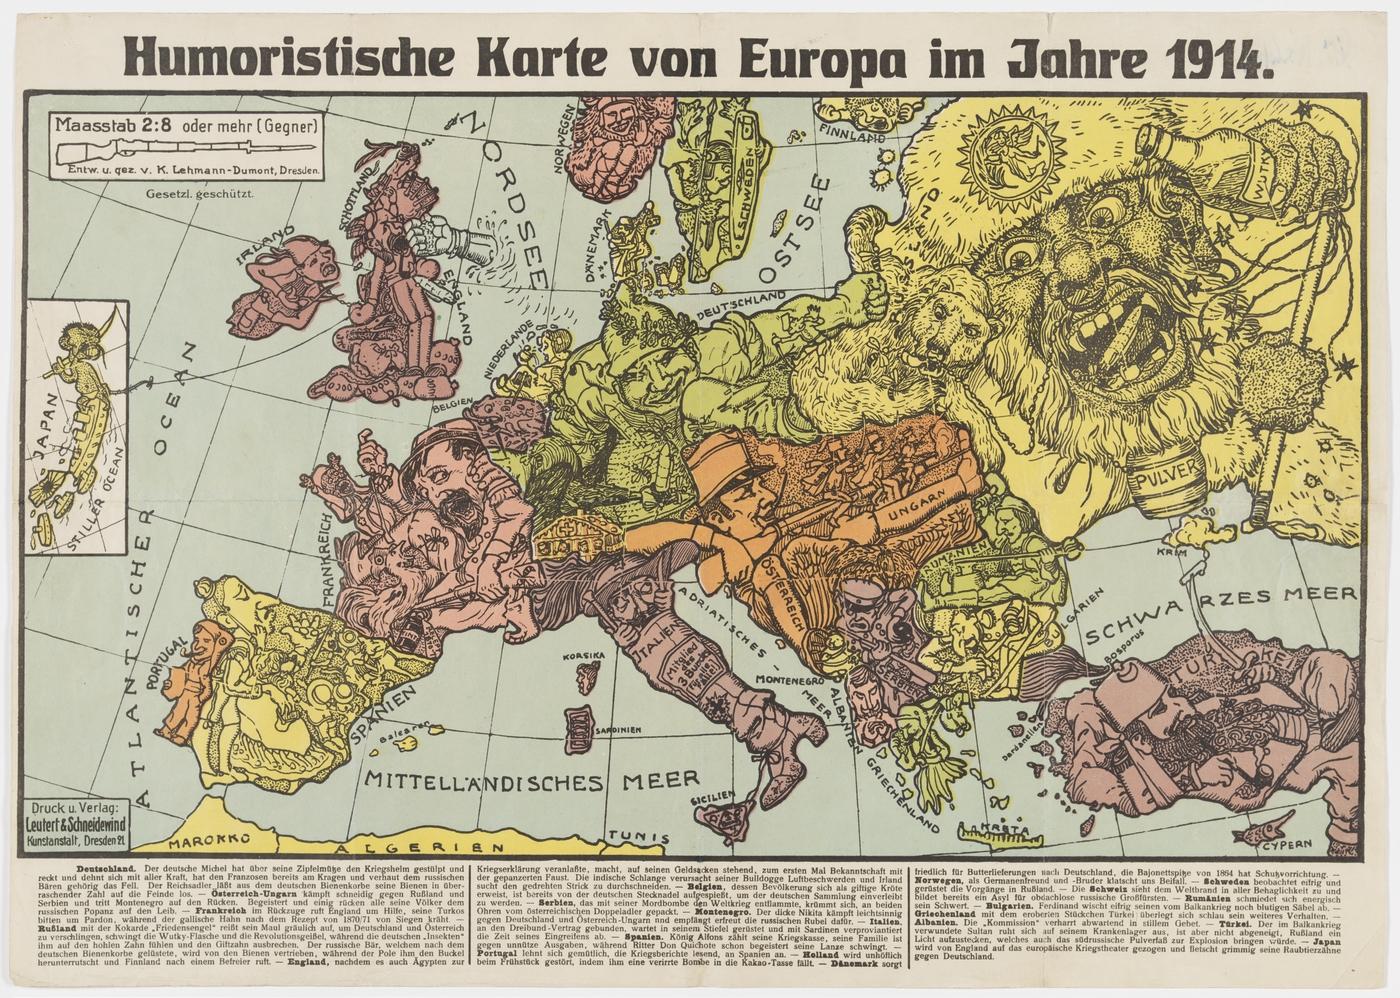 Humoristische Karte Von Europa 1914.Humoristische Karte Von Europa Im Jahre 1914 State Library